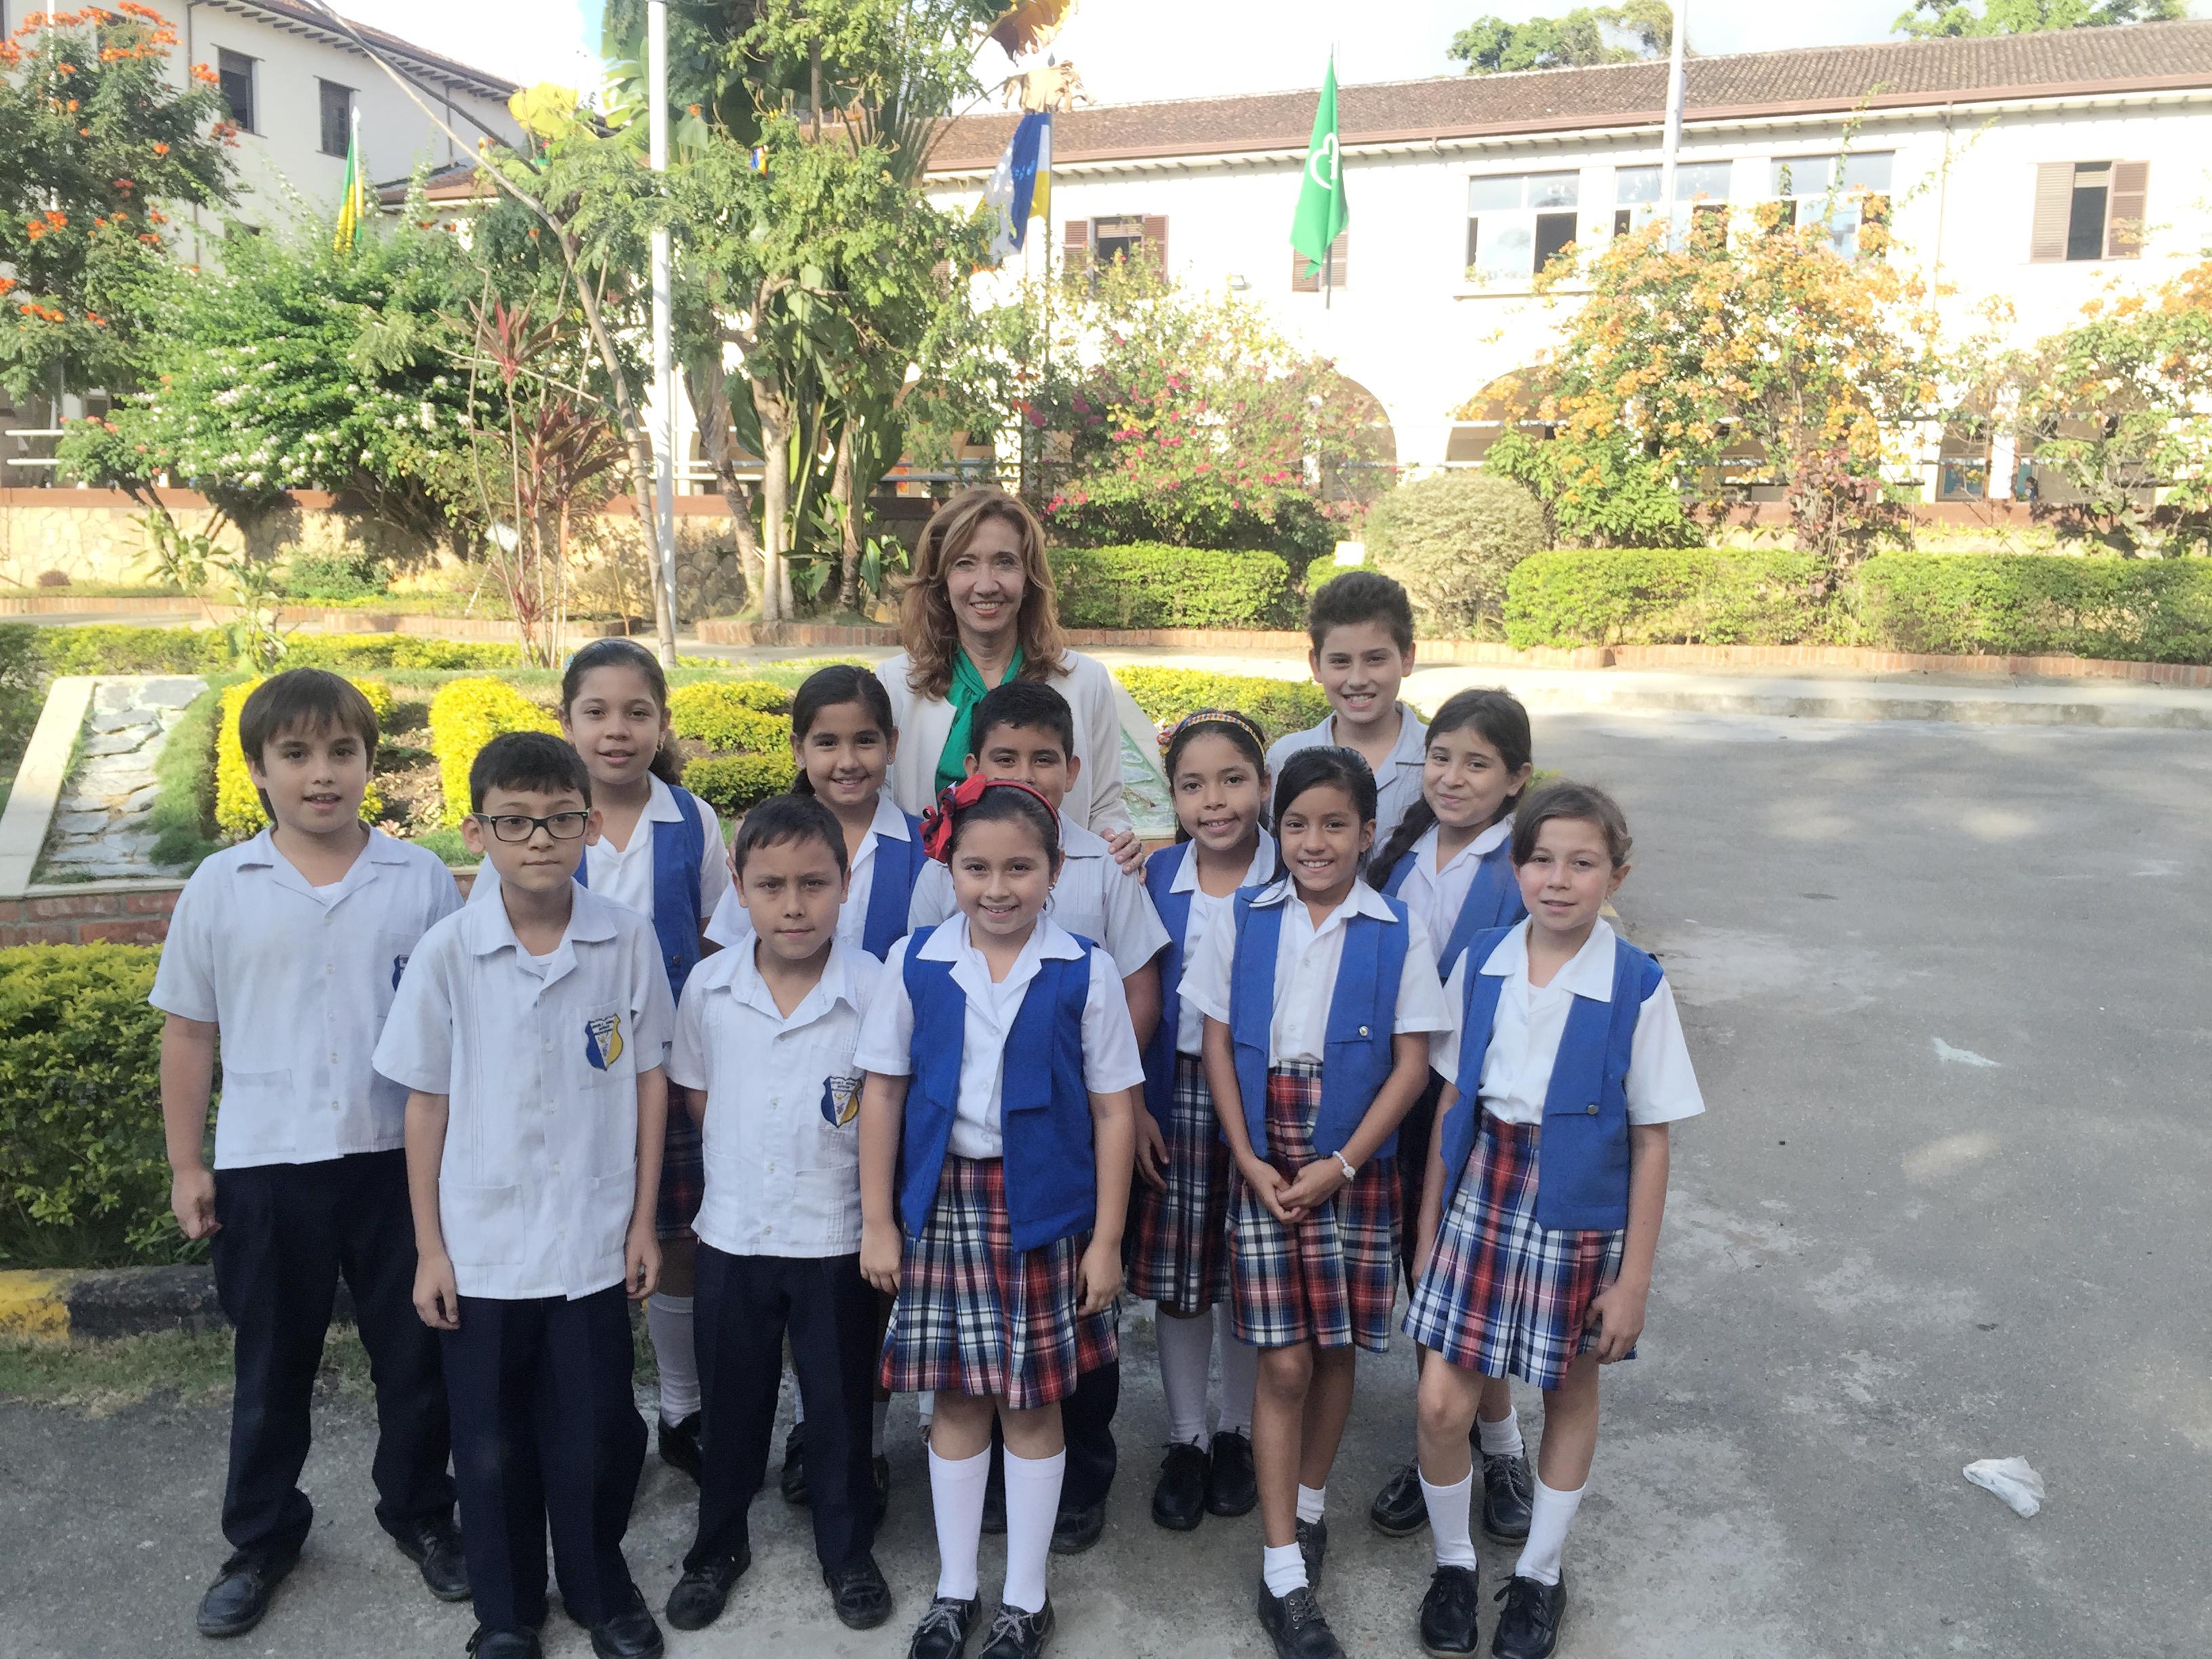 Rectora Dora Herrera Anaya con uno de los cursos de su institución